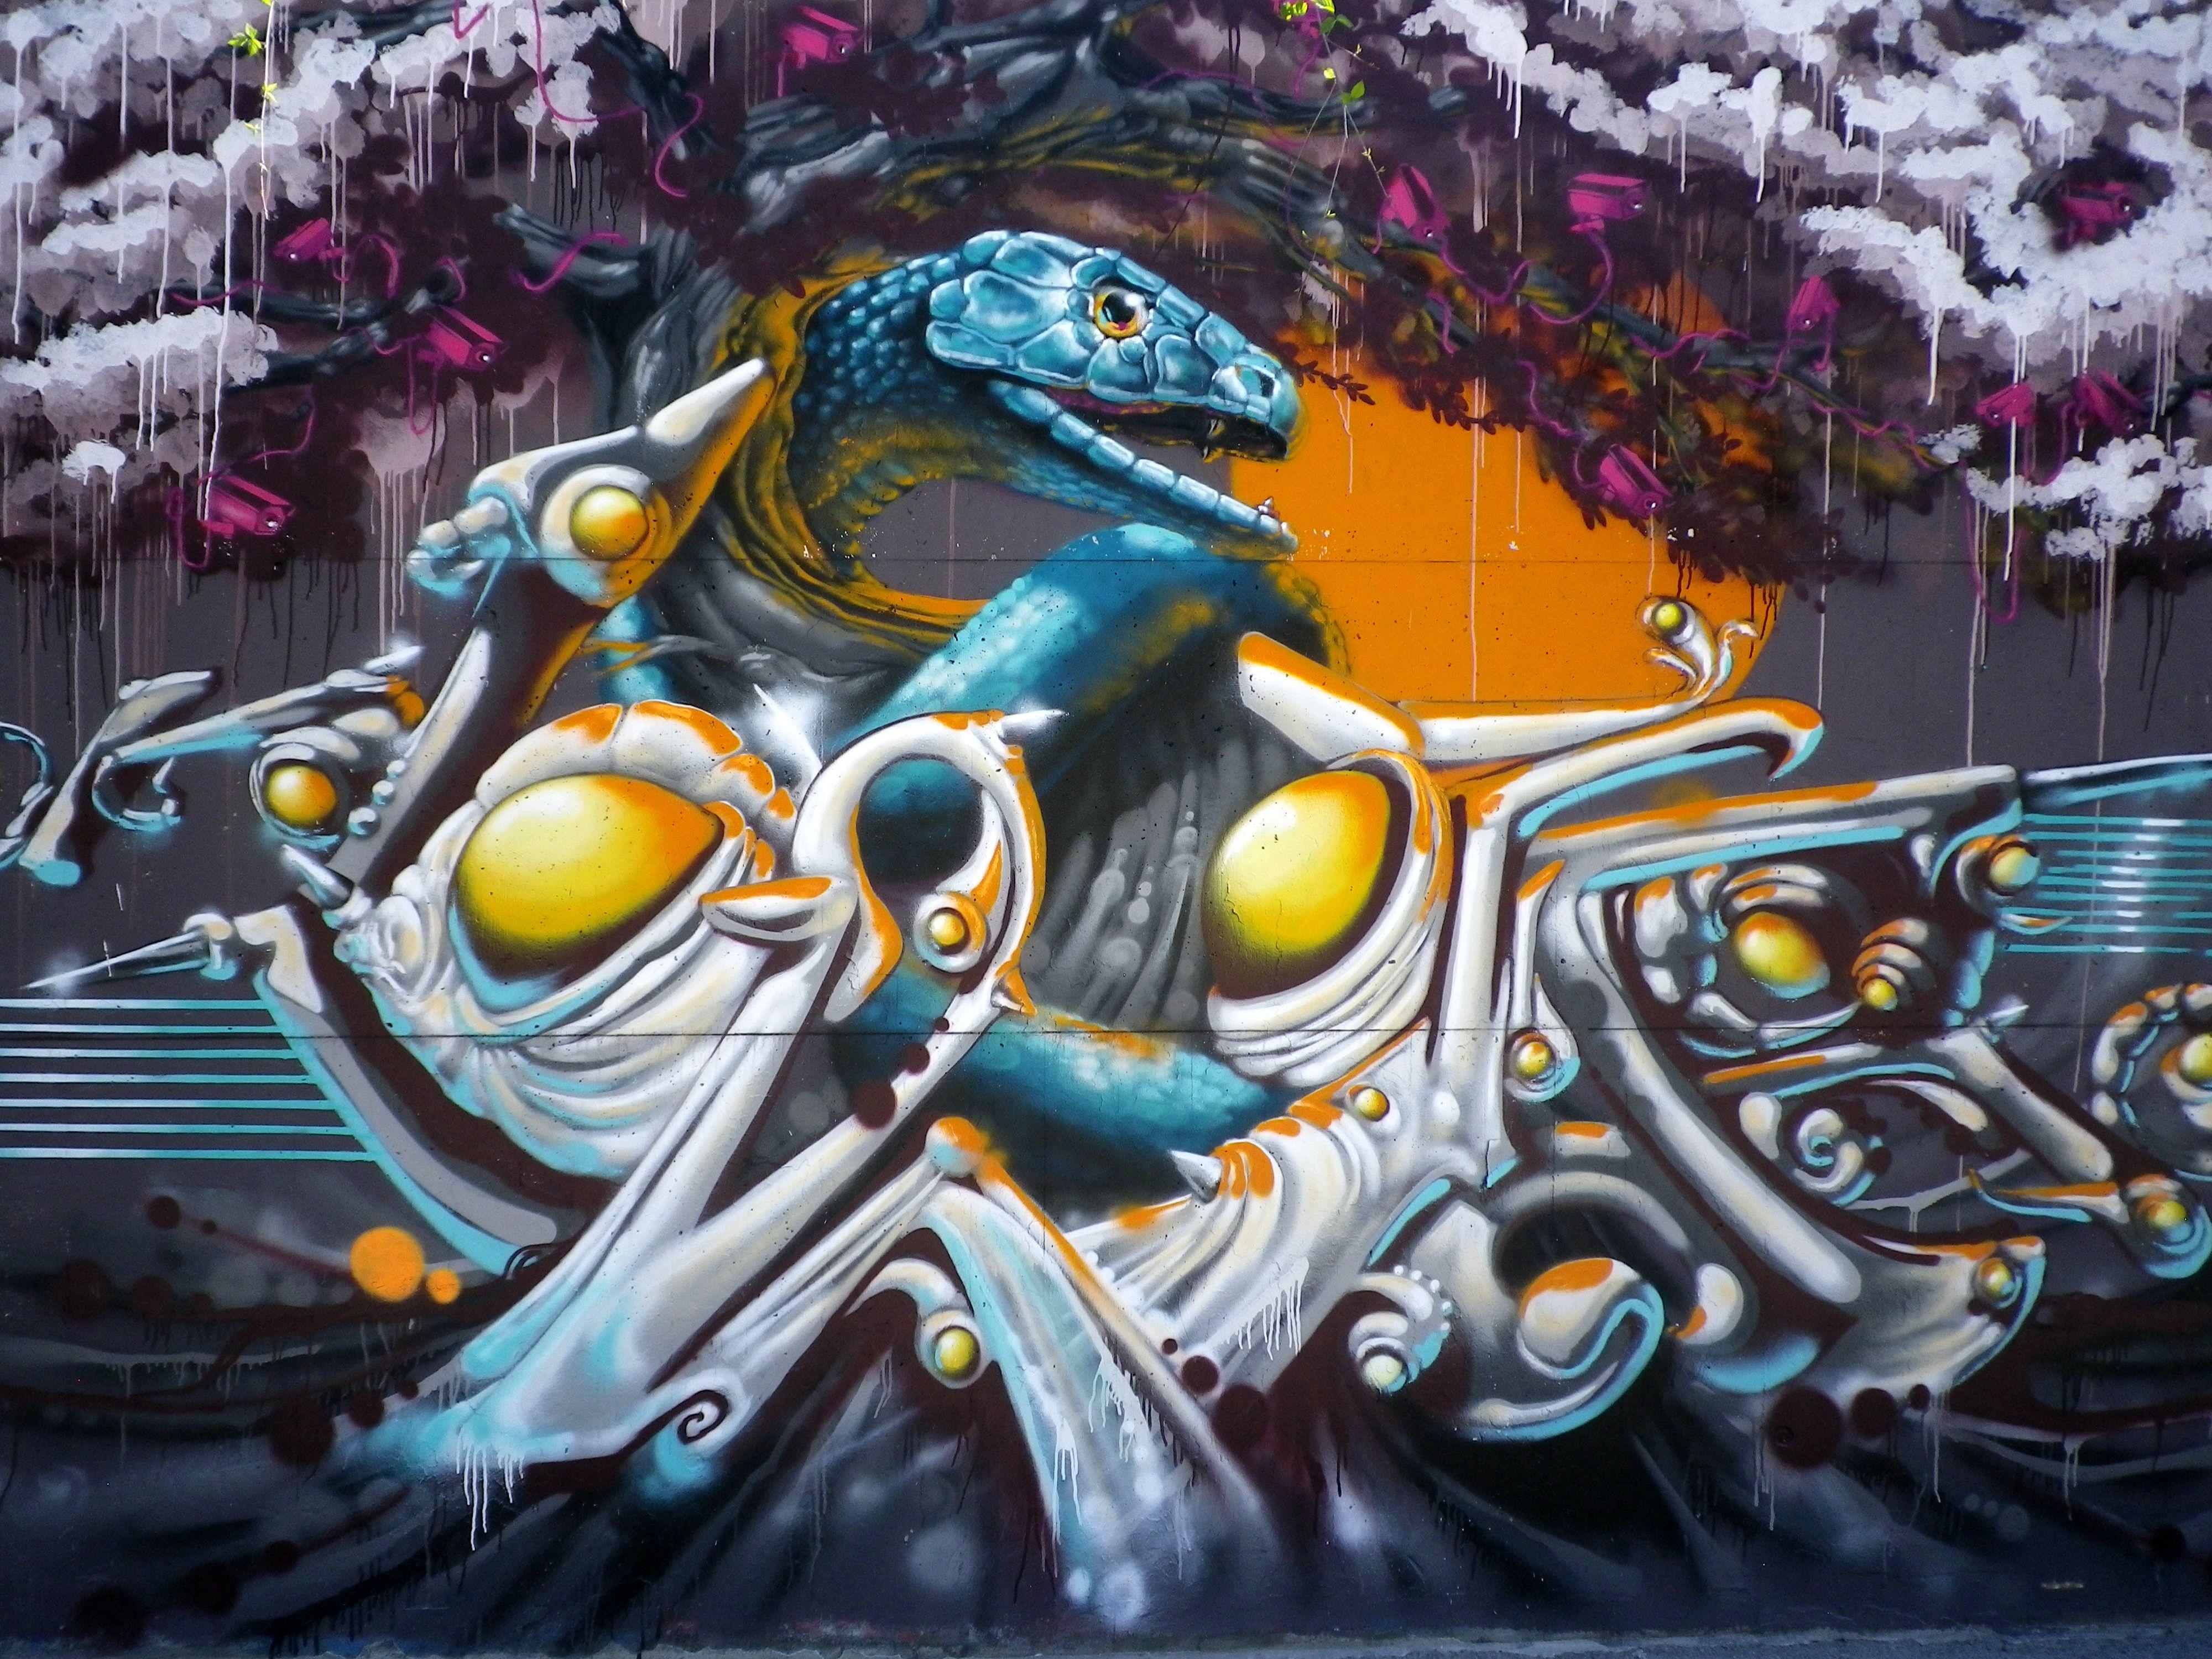 Graffiti aus der Hall of Fame in Ingolstadt - Top 3 các nền văn hóa thú vị trong hip hop có thể bạn chưa biết